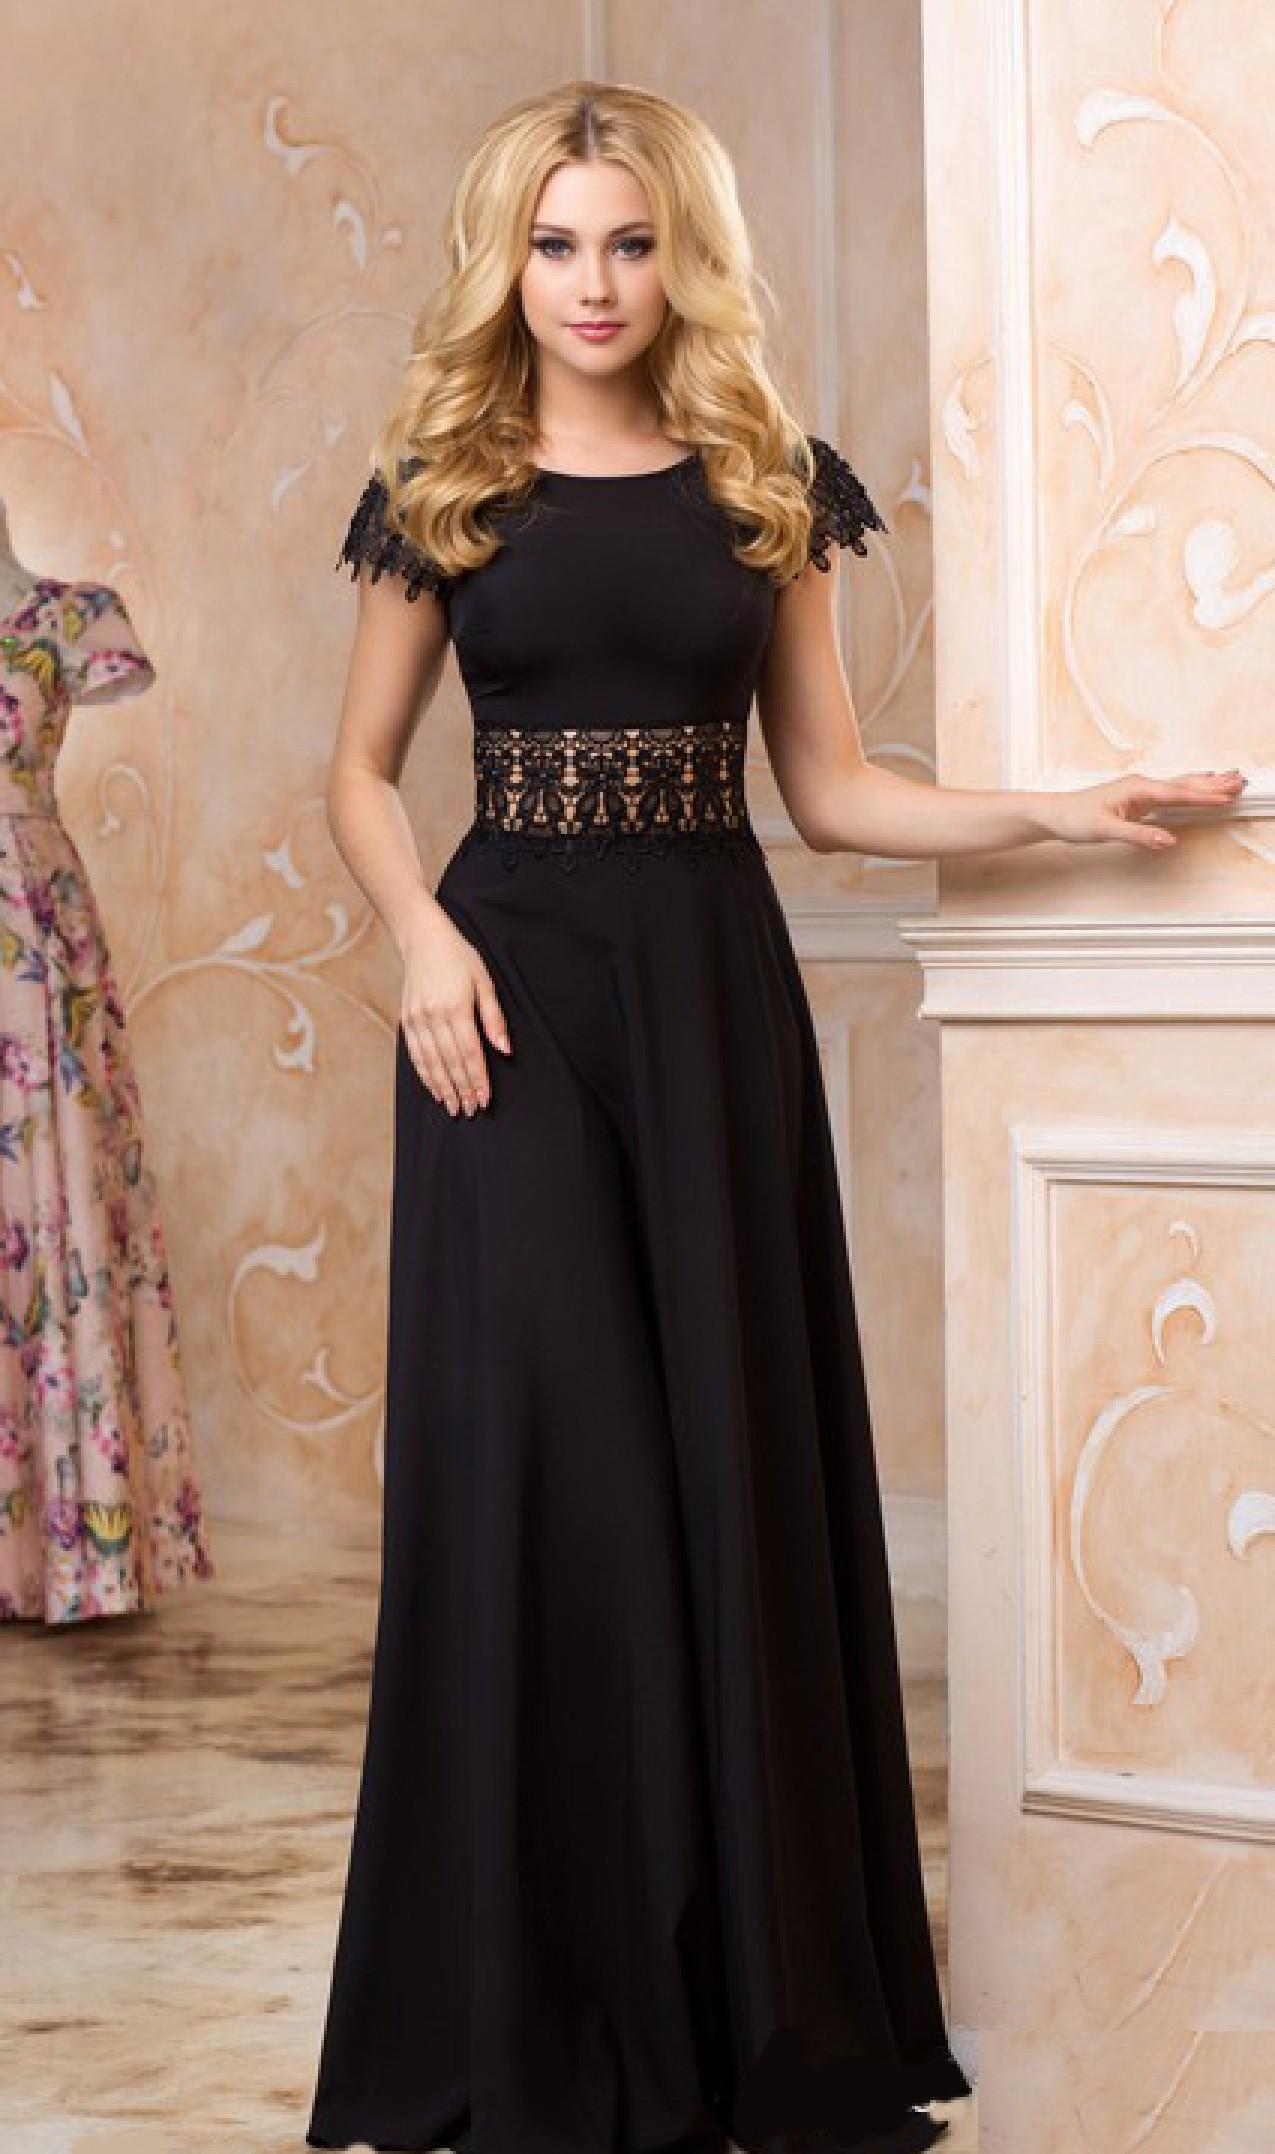 3e5dbe29430 Купить черное вечернее платье в пол. Черное длинное платье в интернет  магазине Радэлия. Пошив платья на заказ.